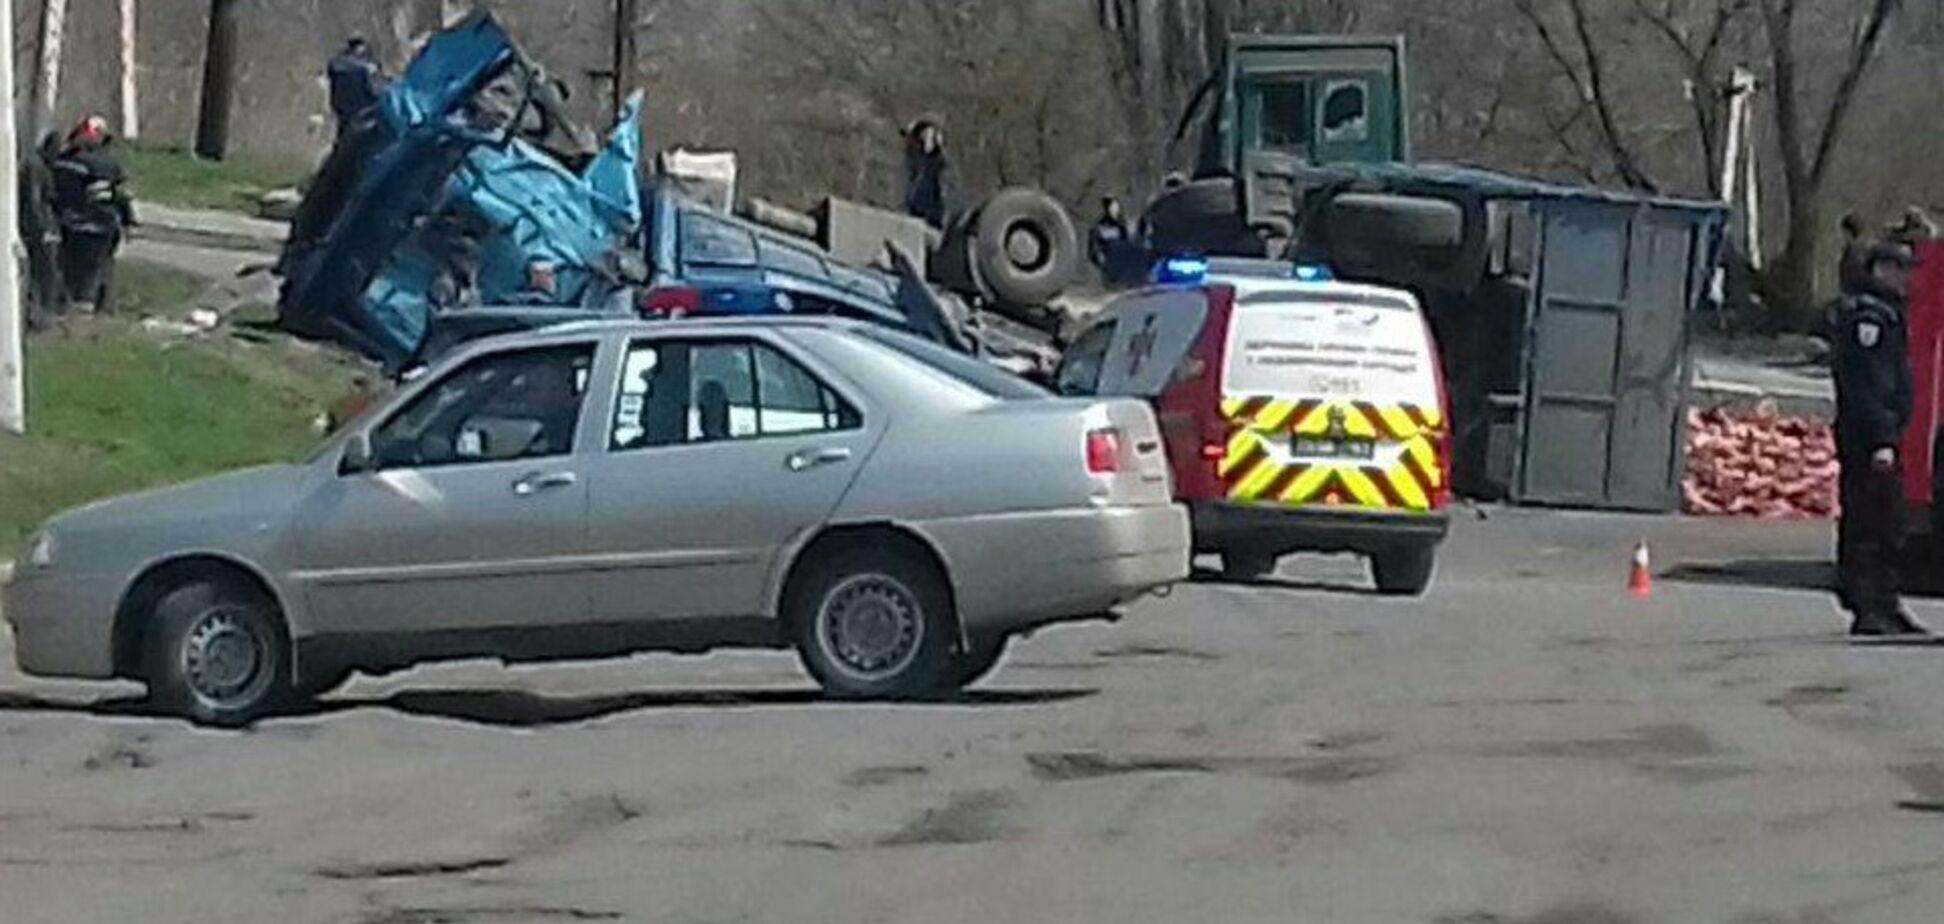 Посипалися кістки: на Луганщині в ДТП з маршруткою постраждало 10 осіб